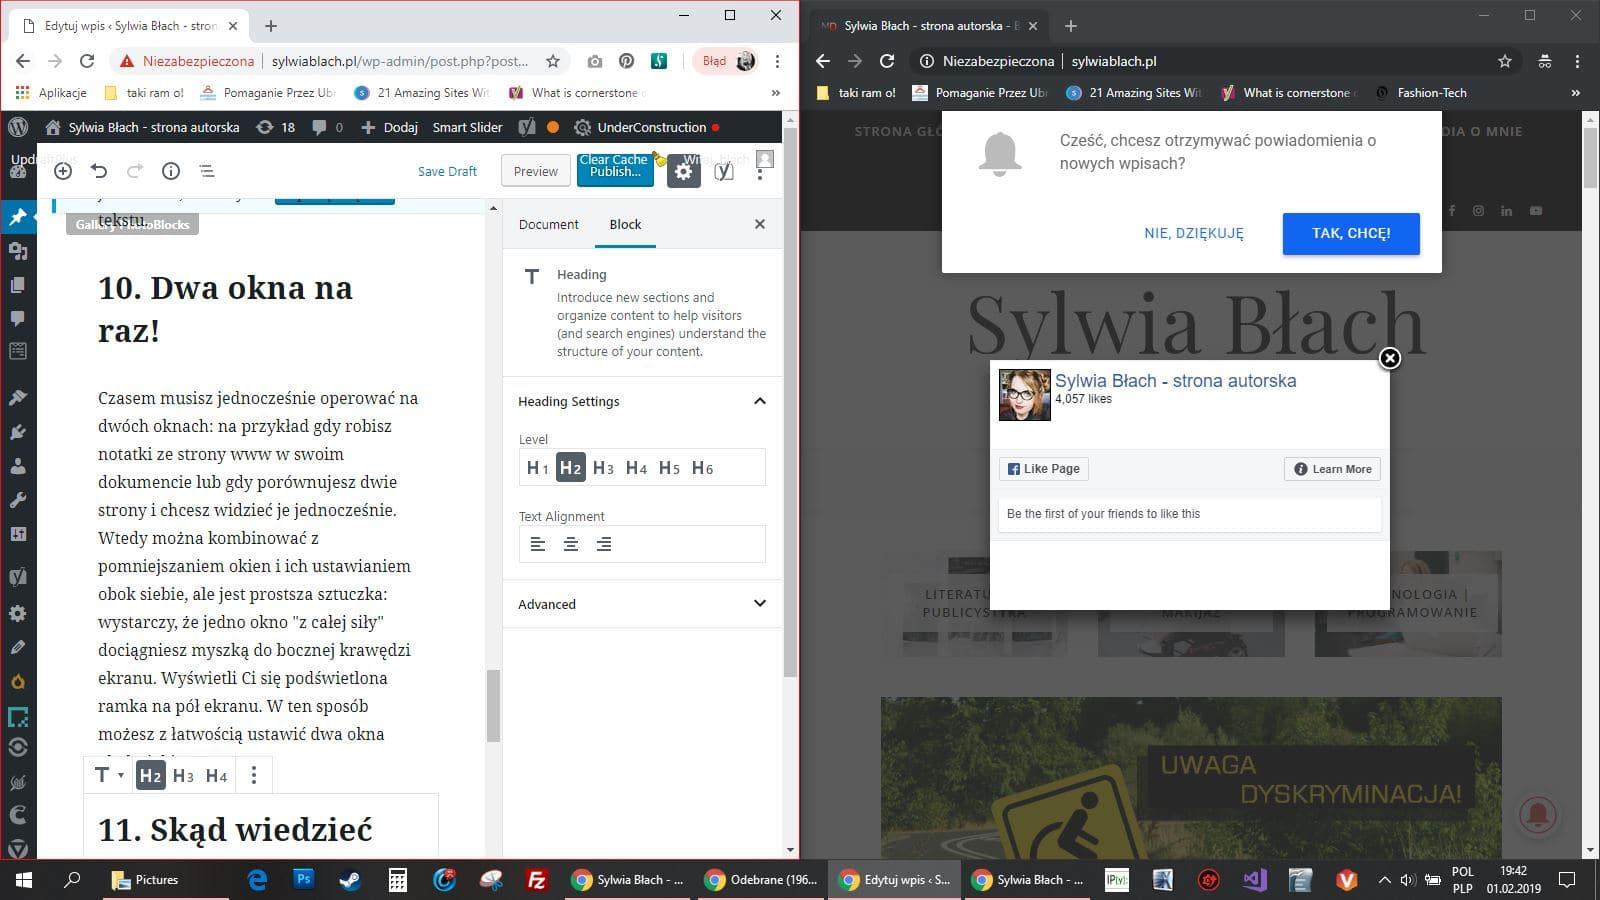 sztuczki, które usprawnią korzystanie z komputera z windows 10